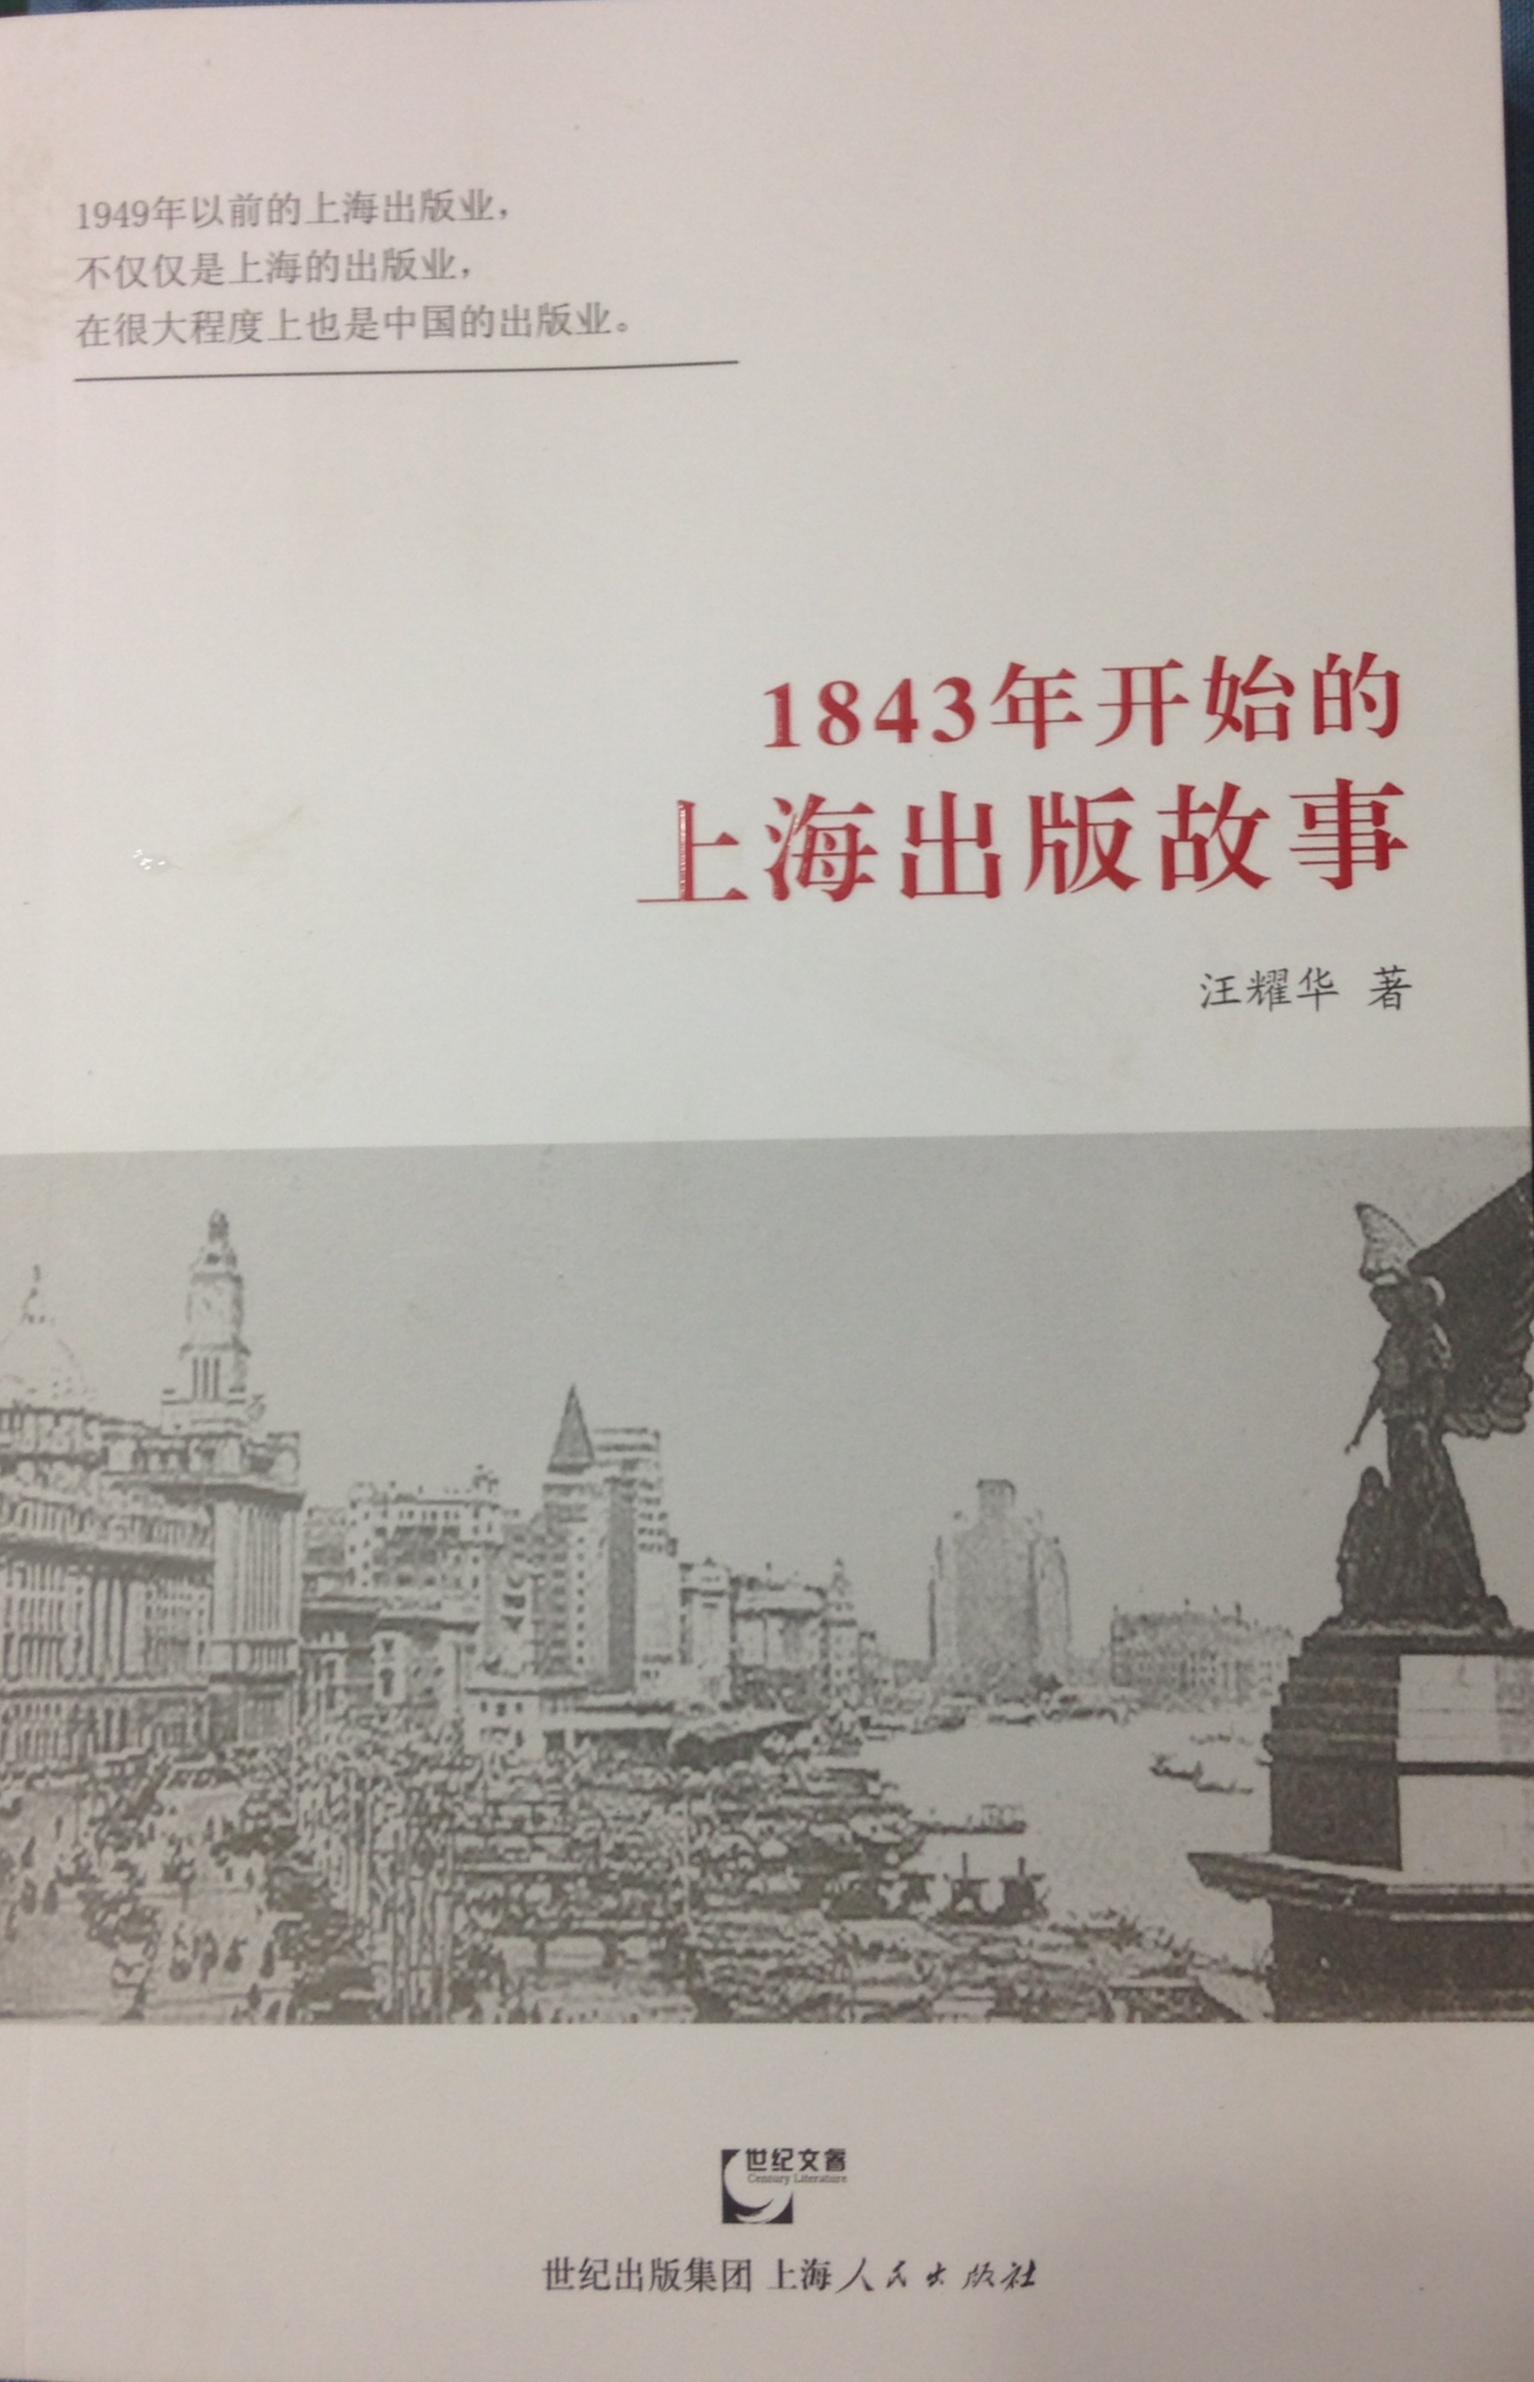 1843年开始的上海出版故事